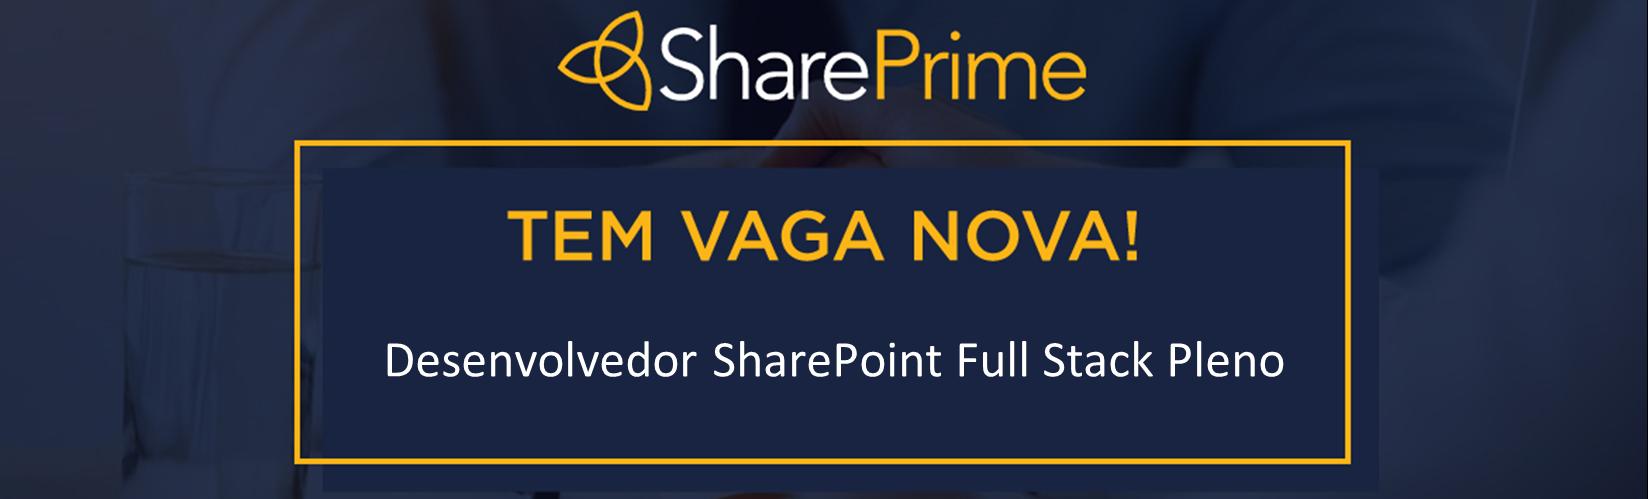 [SHAREPRIME] - Desenvolvedor SharePoint Full Stack Pleno